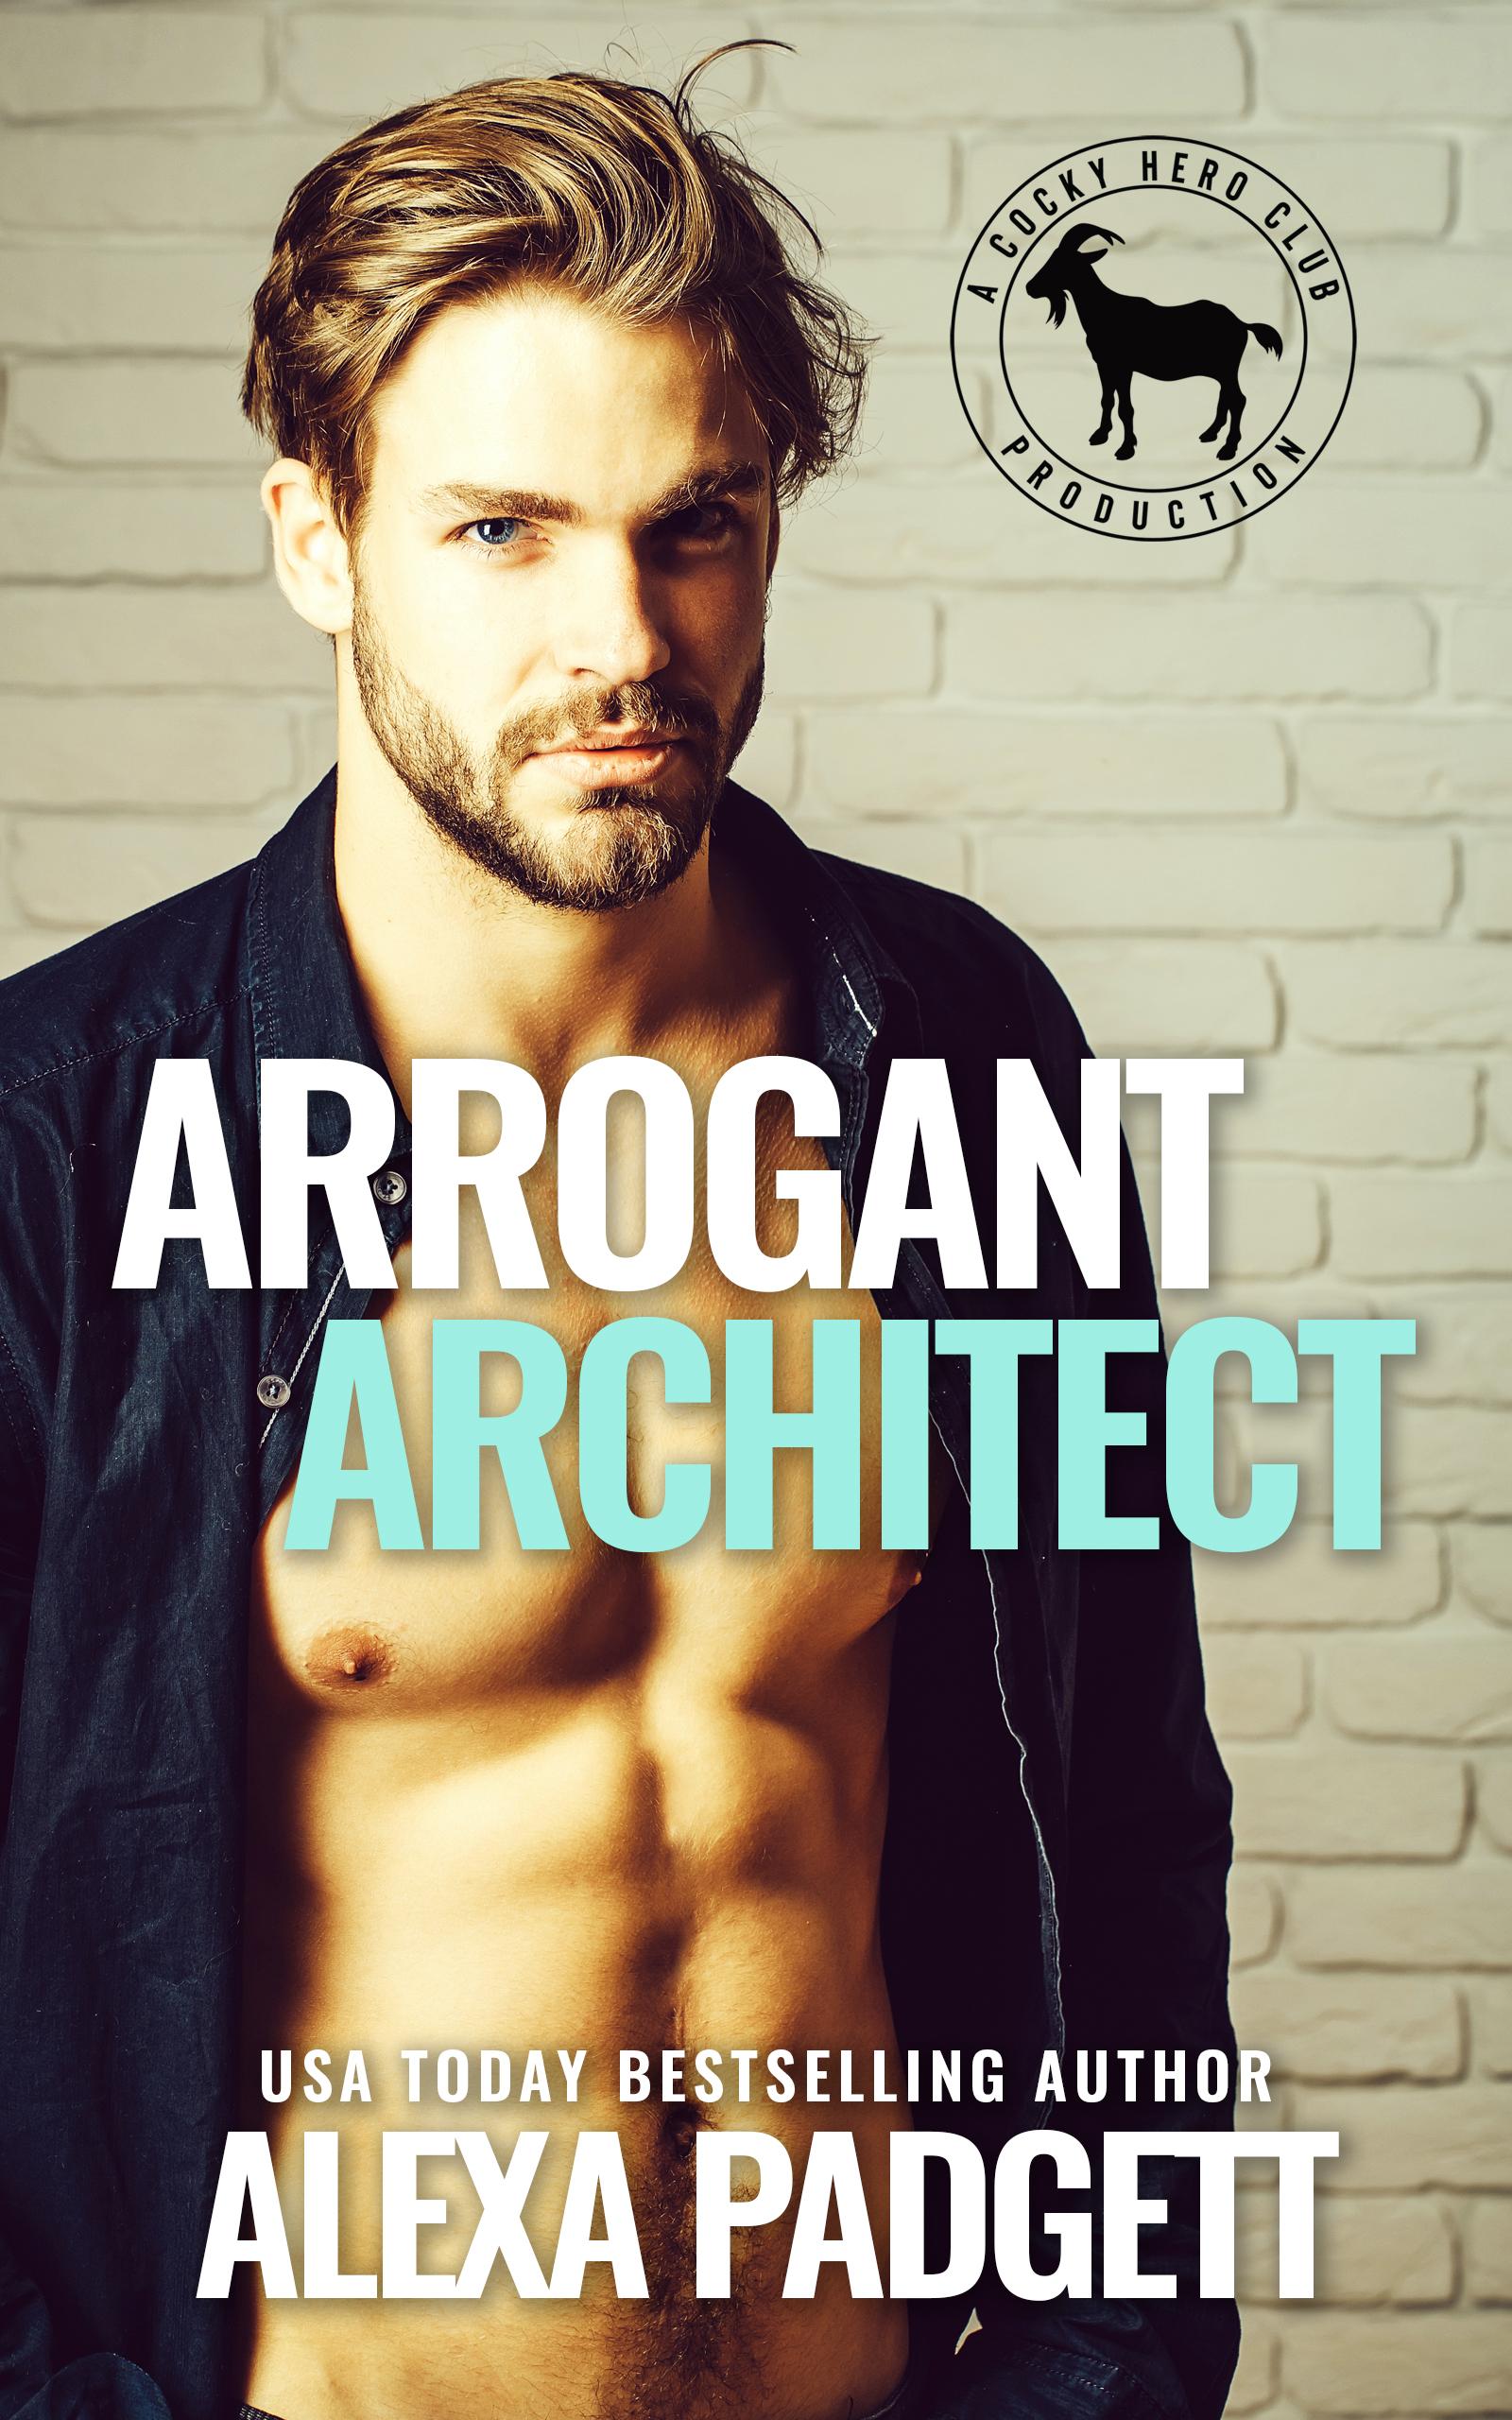 Arrogant-Architect-Generic